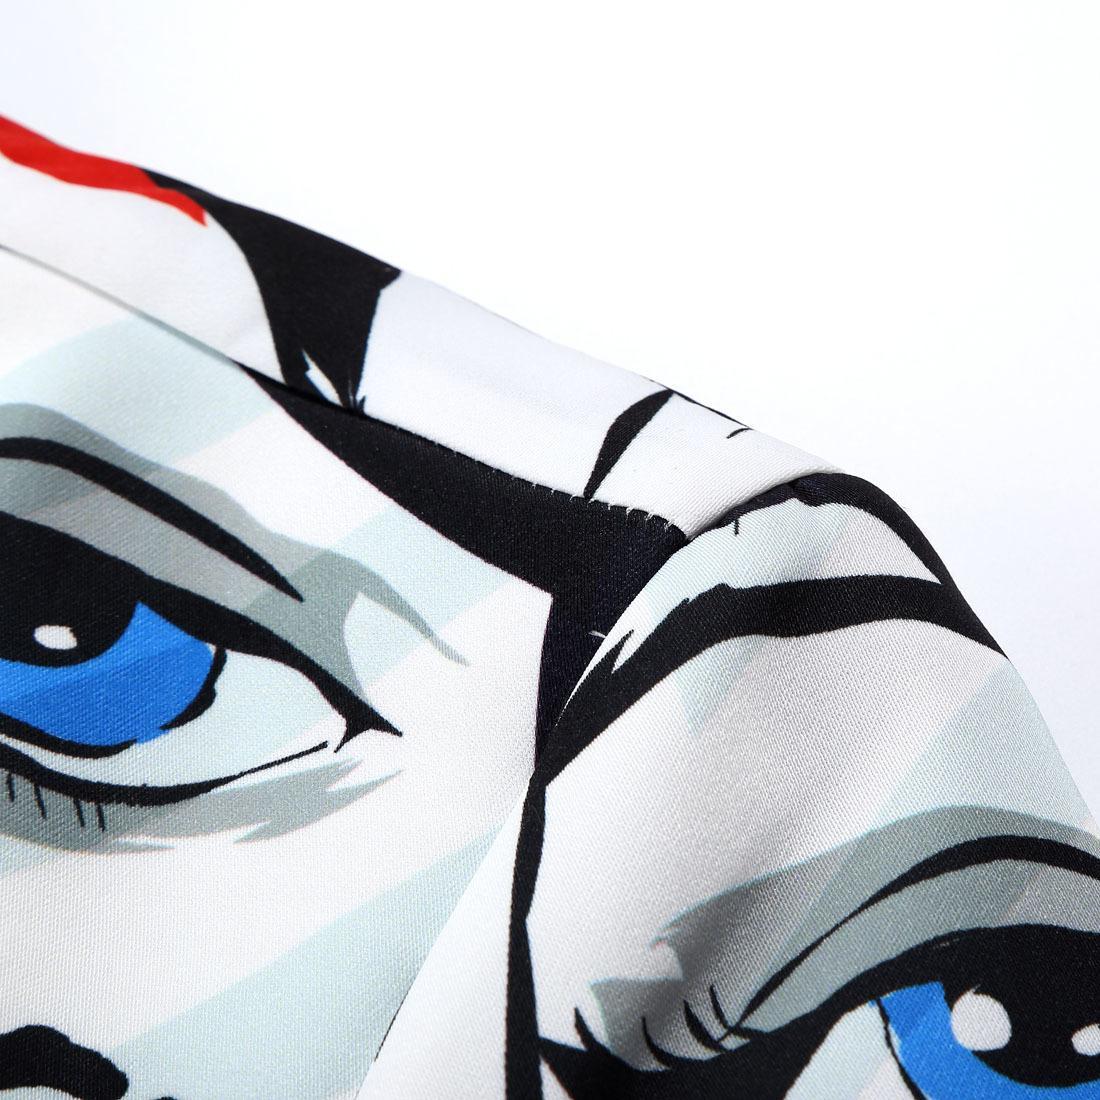 PYJTRL Marca 2018 Nueva Tide Moda para hombre Diseño de la chaqueta de la manera más el tamaño de la cadera Caliente Casual Hombre Slim Fit Chaqueta Traje Cantante